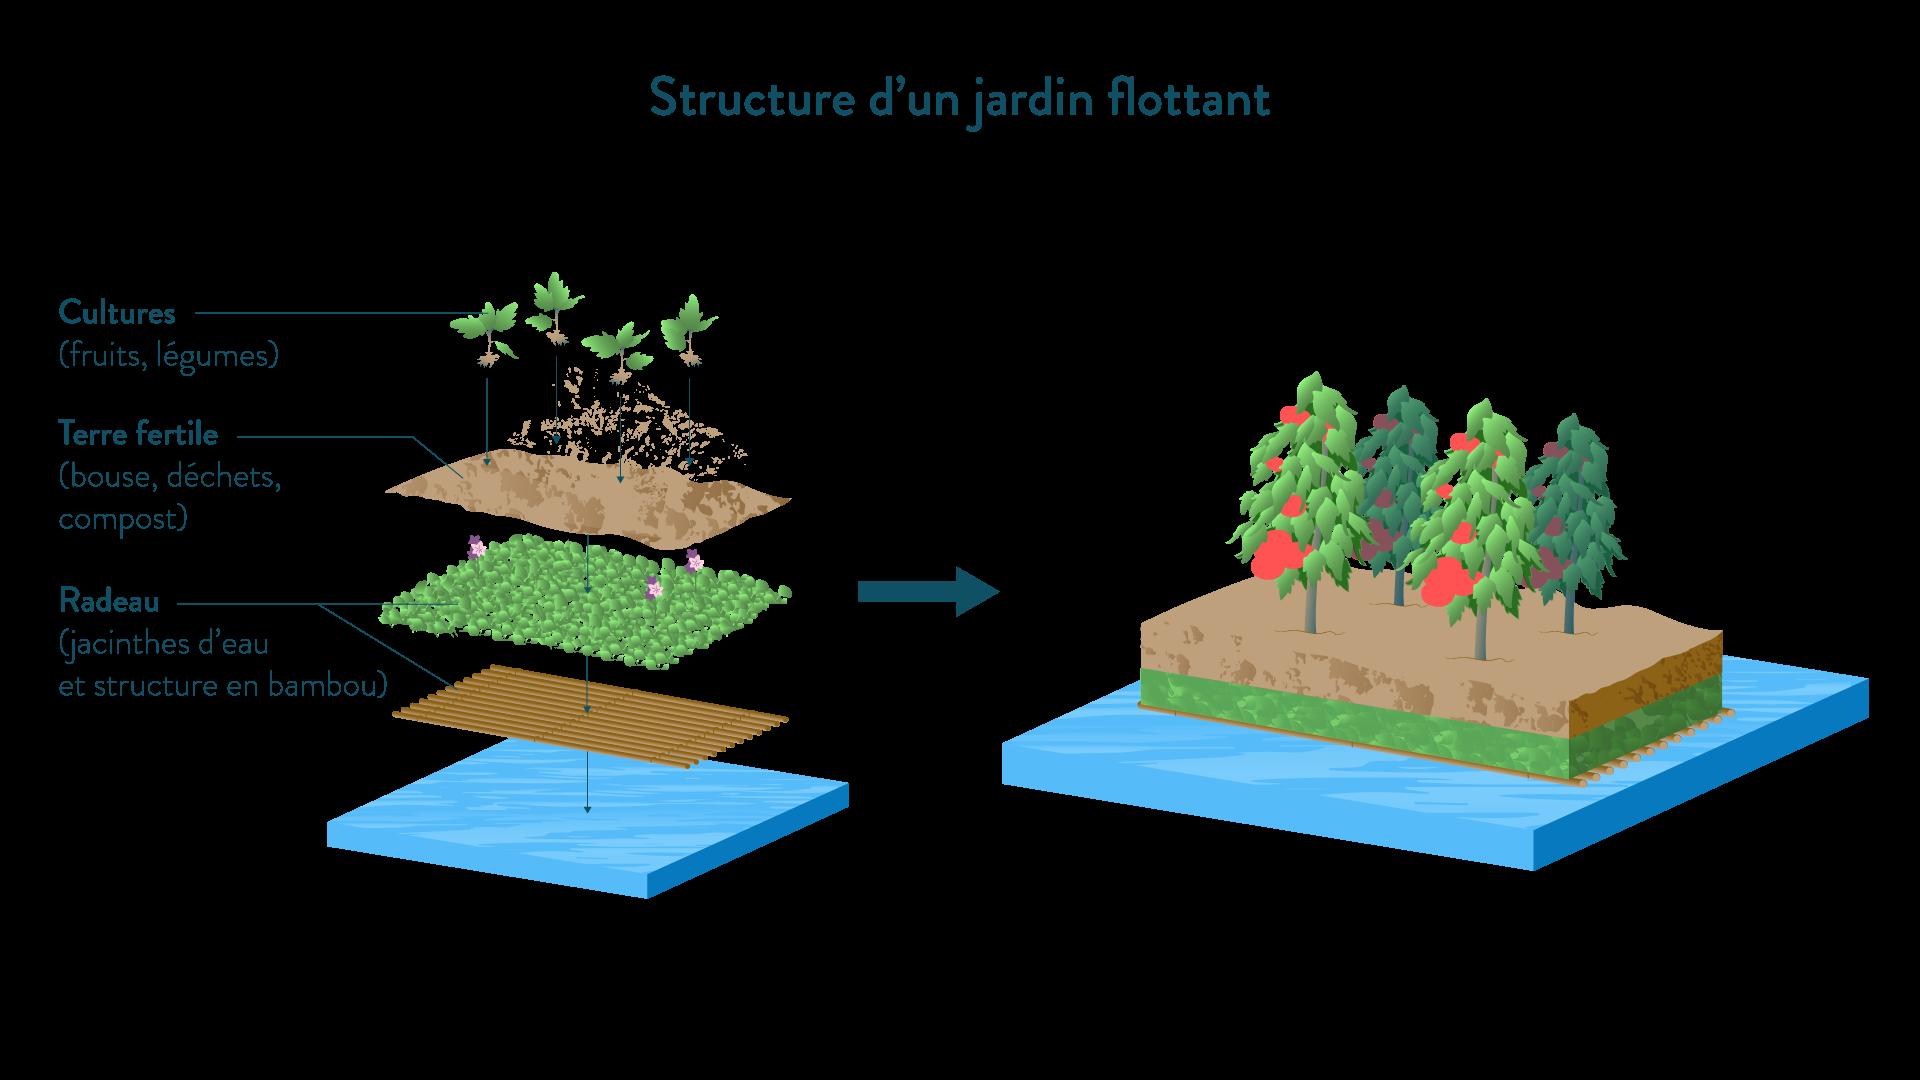 Structure d'un jardin flottant géographie cinquième